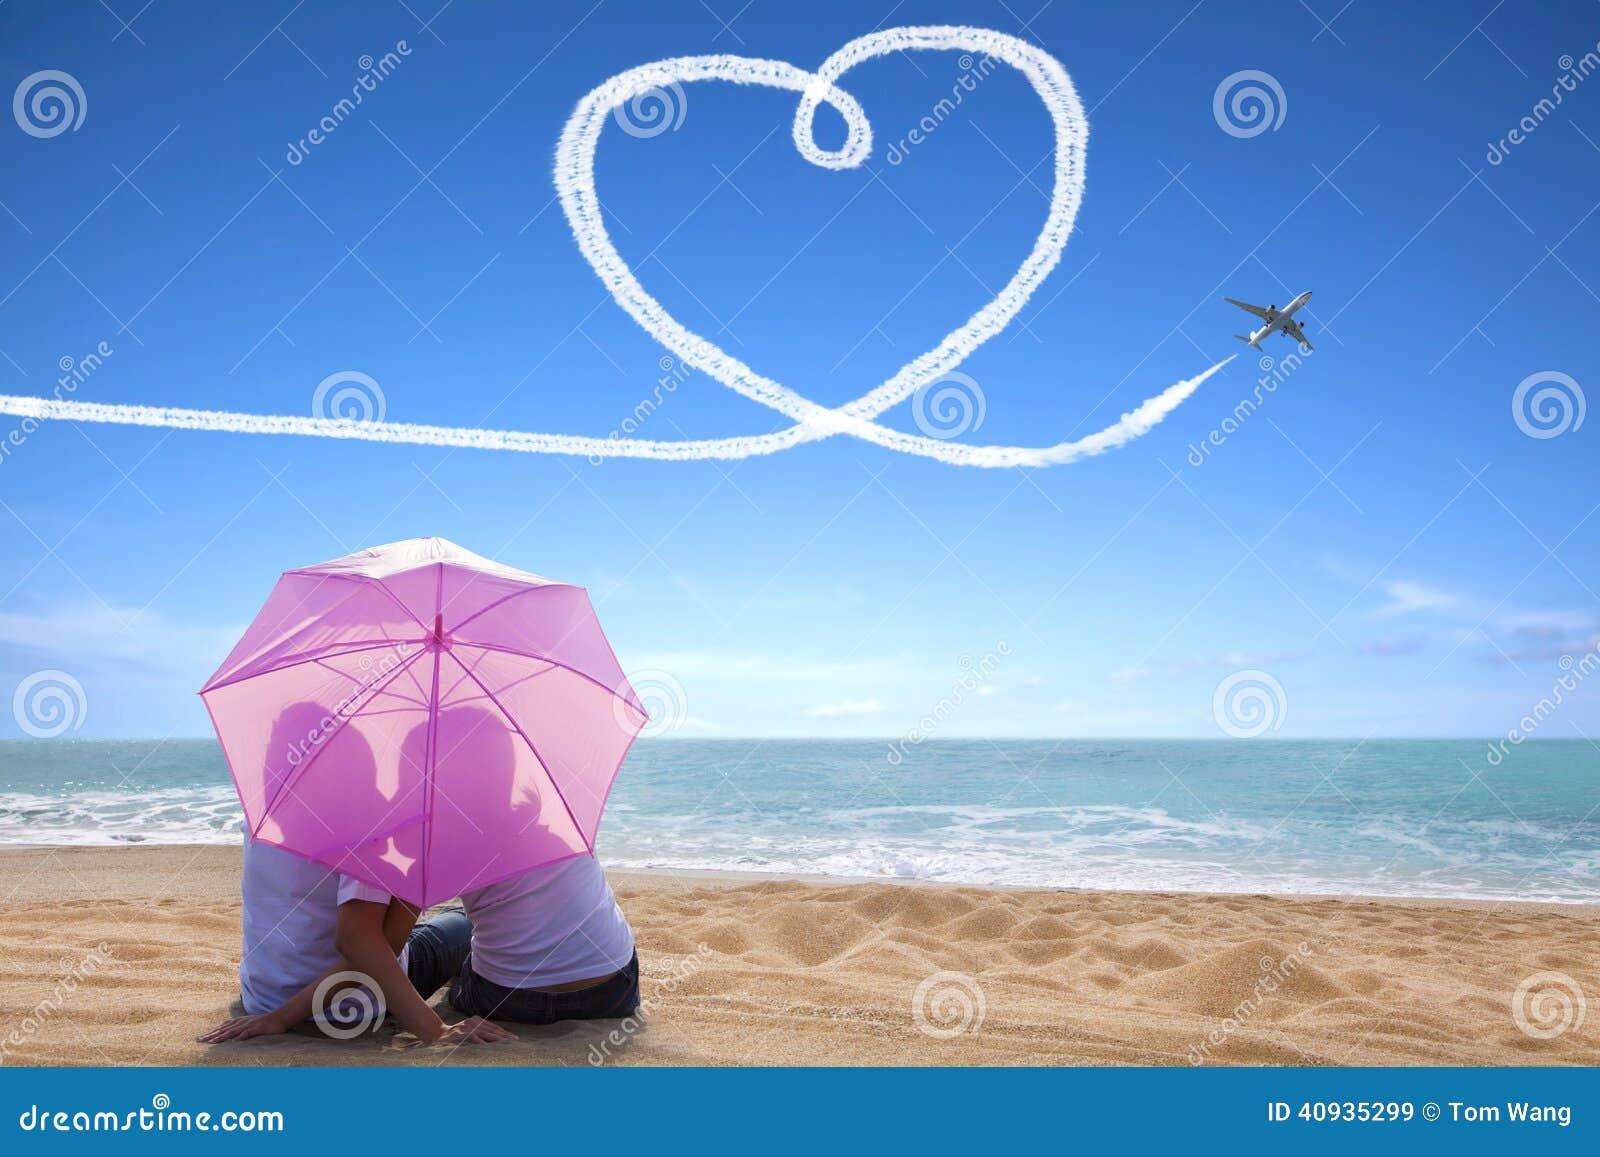 Baisers romantiques de jeunes couples à la plage avec le parapluie